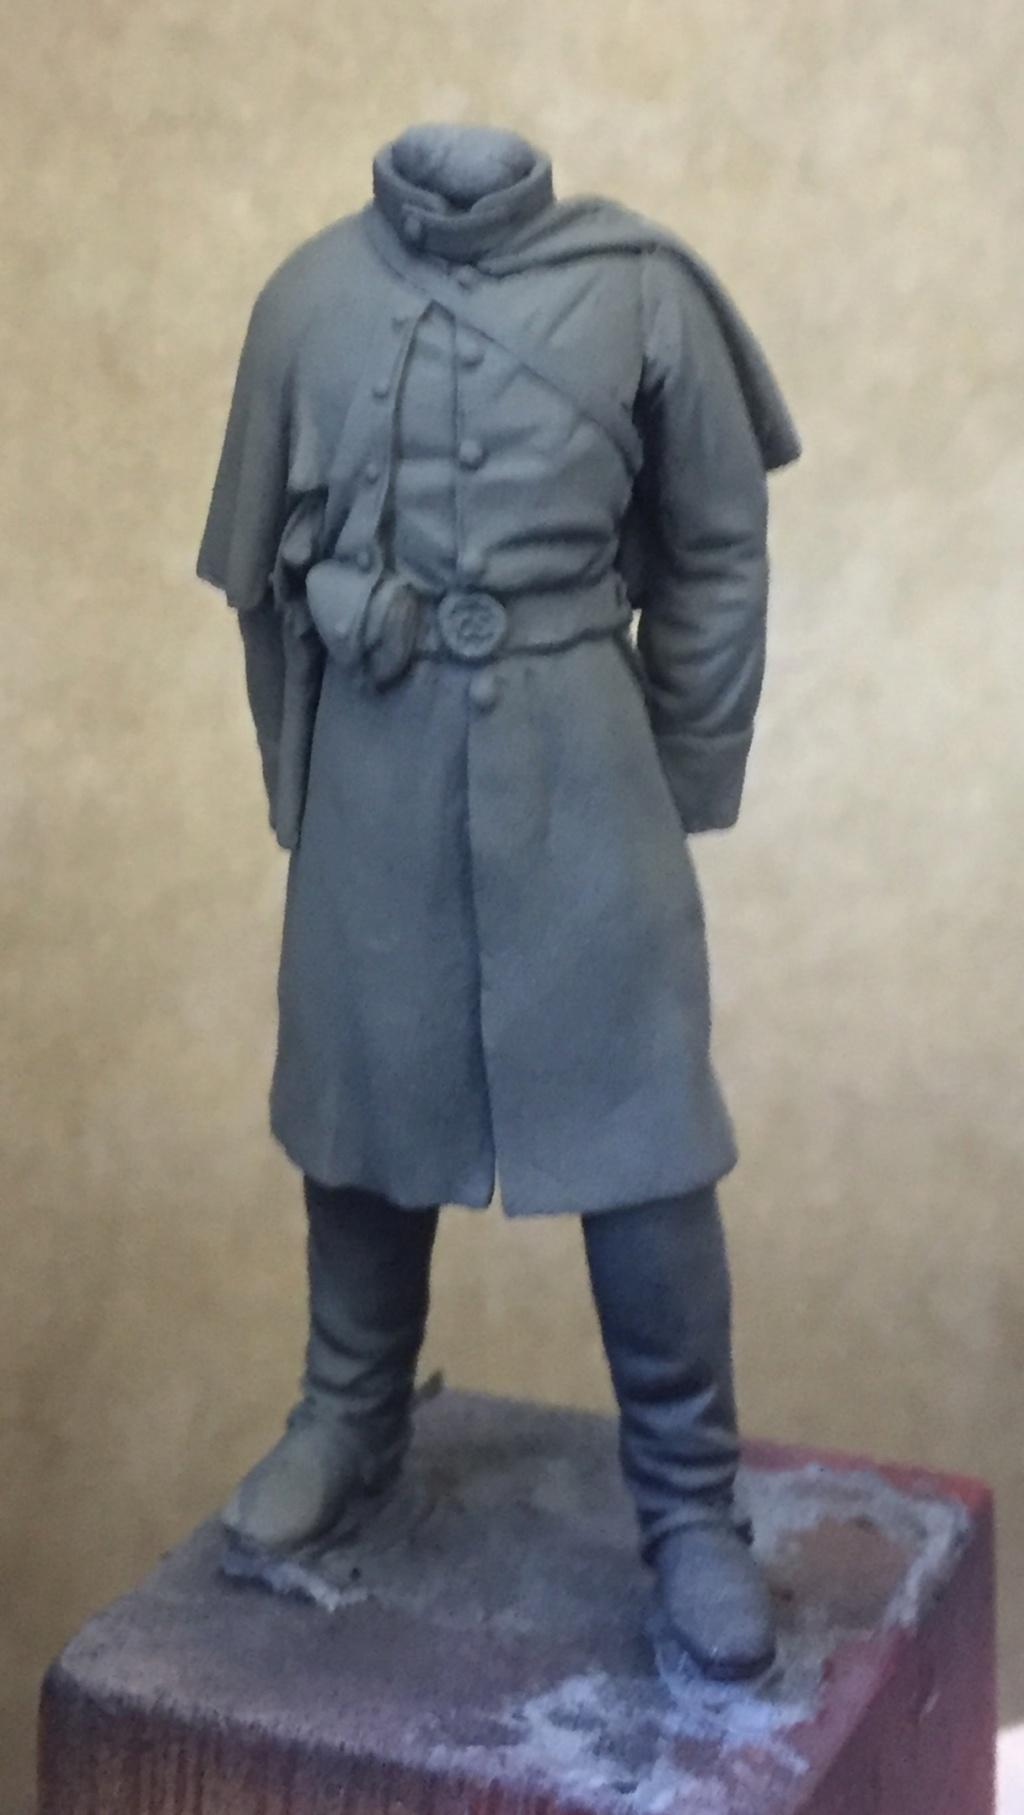 Confederete Infantry Officer - 75mm Elite Miniaturas Fullsi20